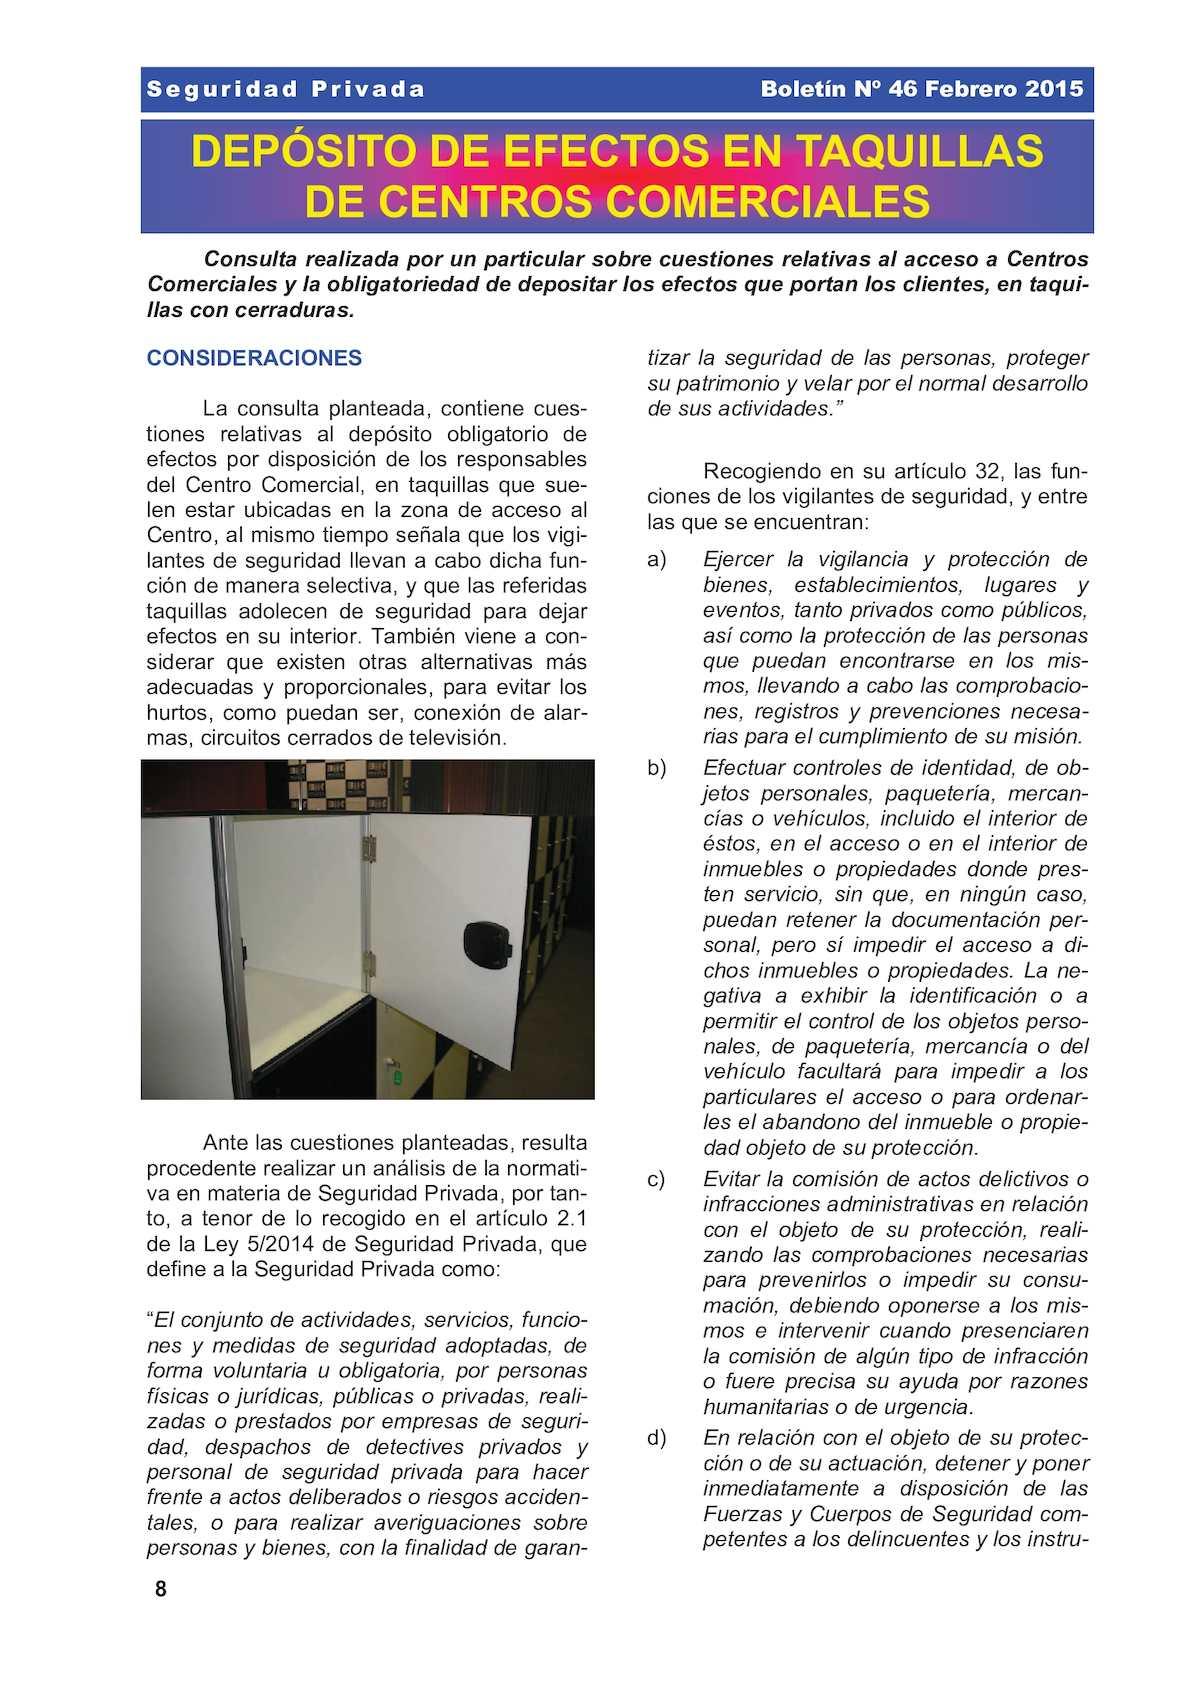 CC - Deposito De Efectos En Taquillas De Centros Comerciales Segurpri 046